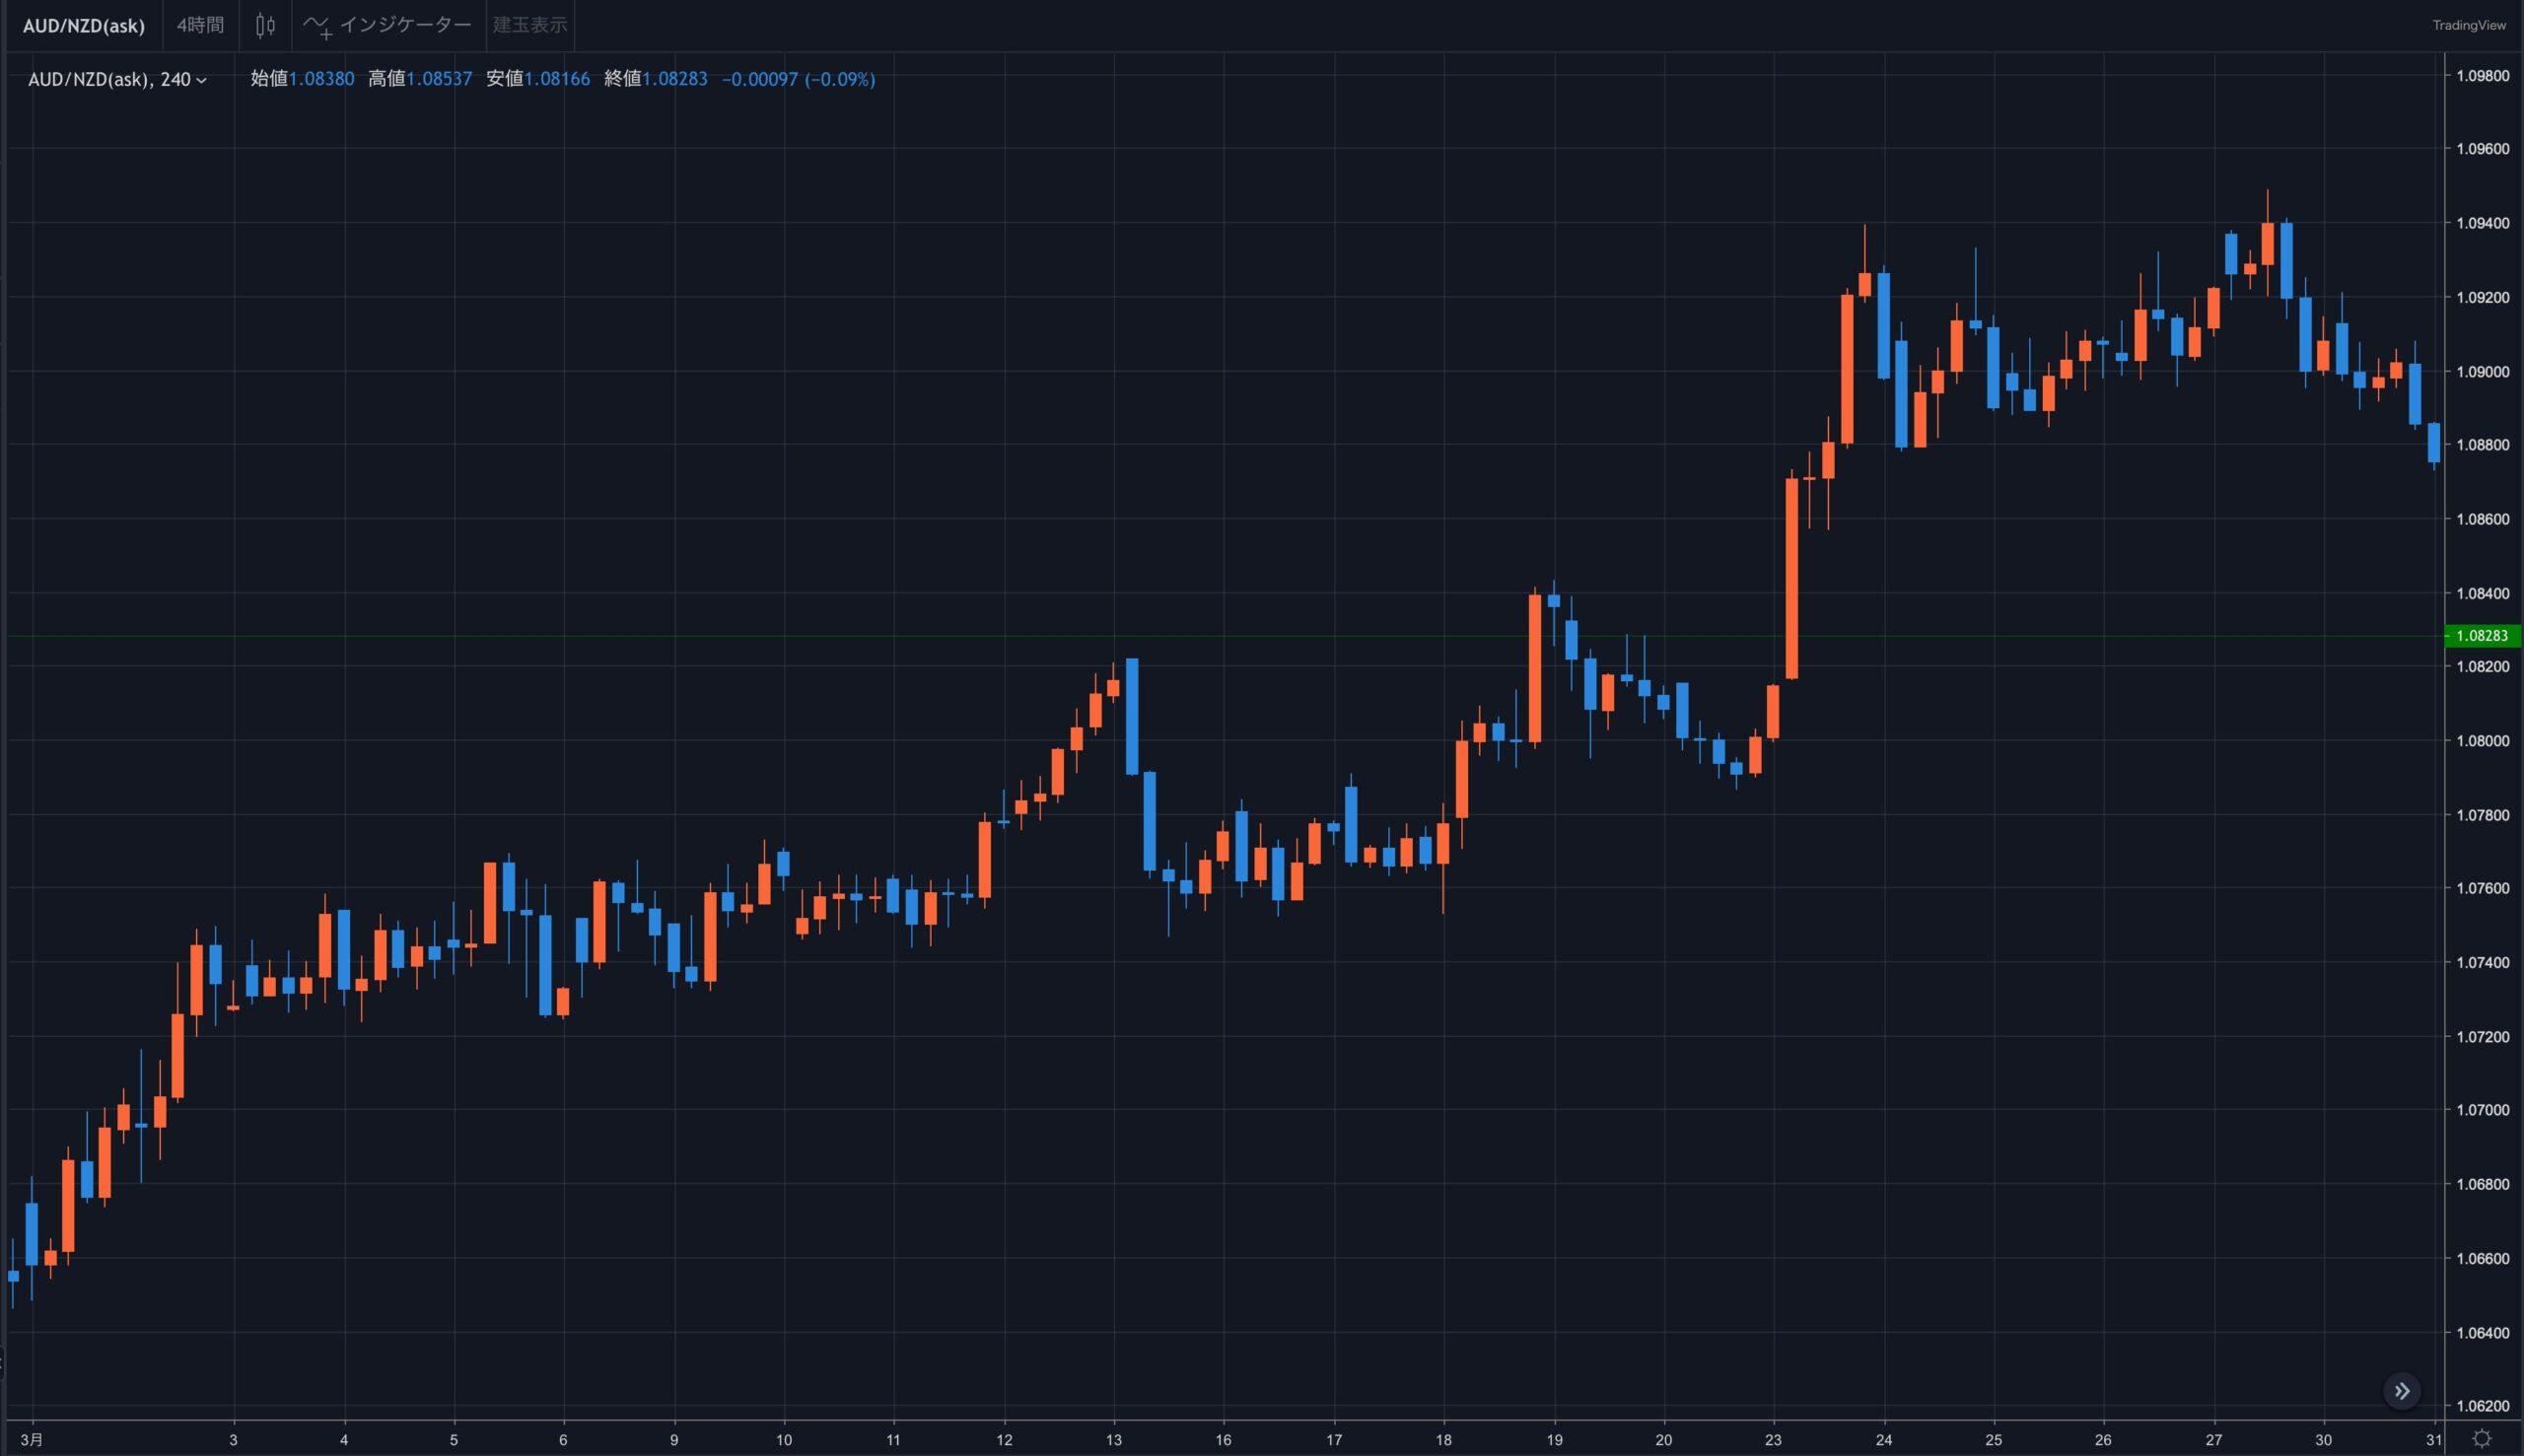 2021年3月度のチャート|豪ドル/NZドル通貨ペア